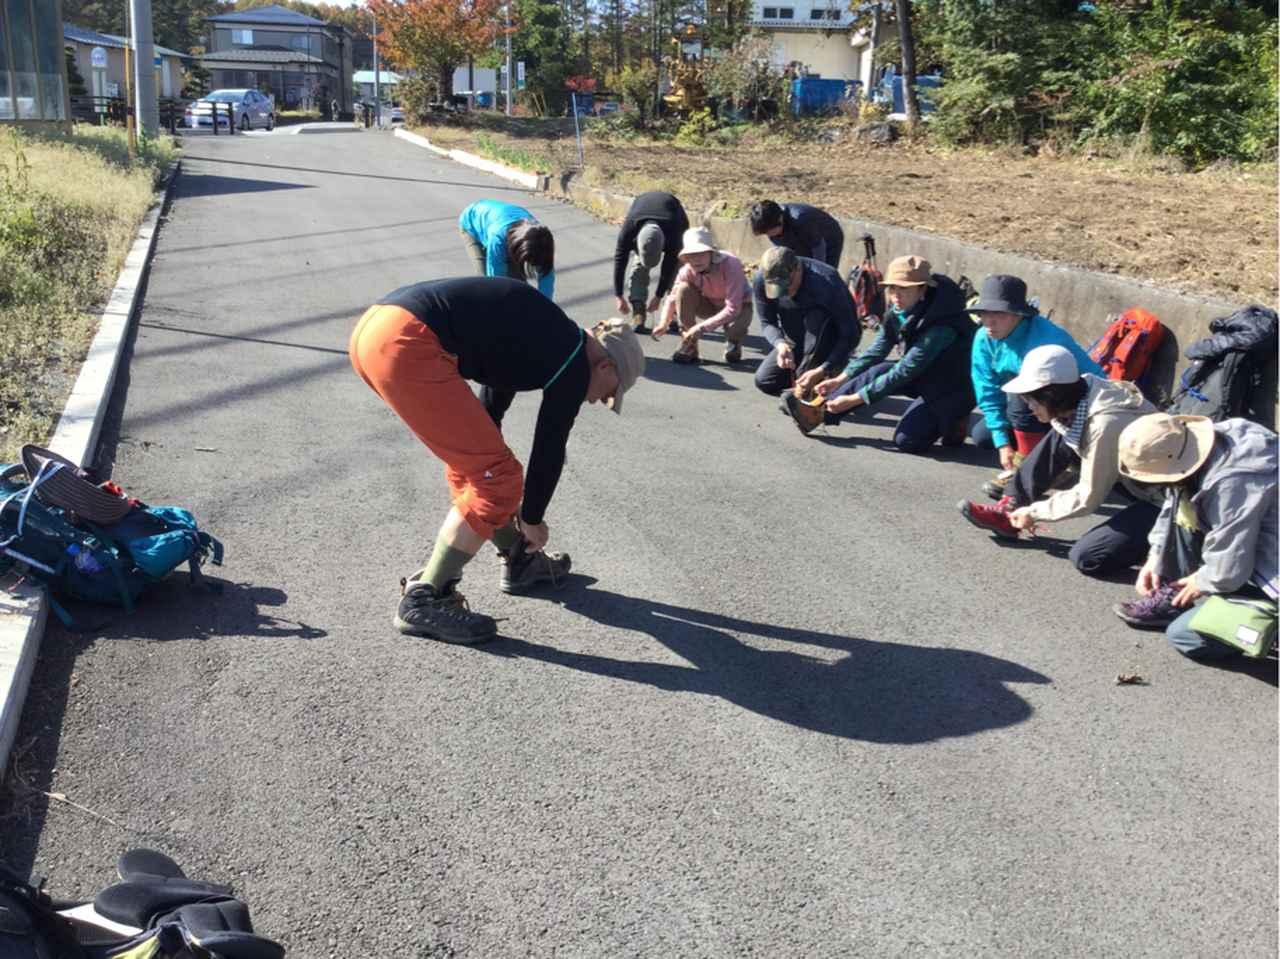 画像: 登山靴の靴紐の結び方から教える初心者向け登山教室もあります